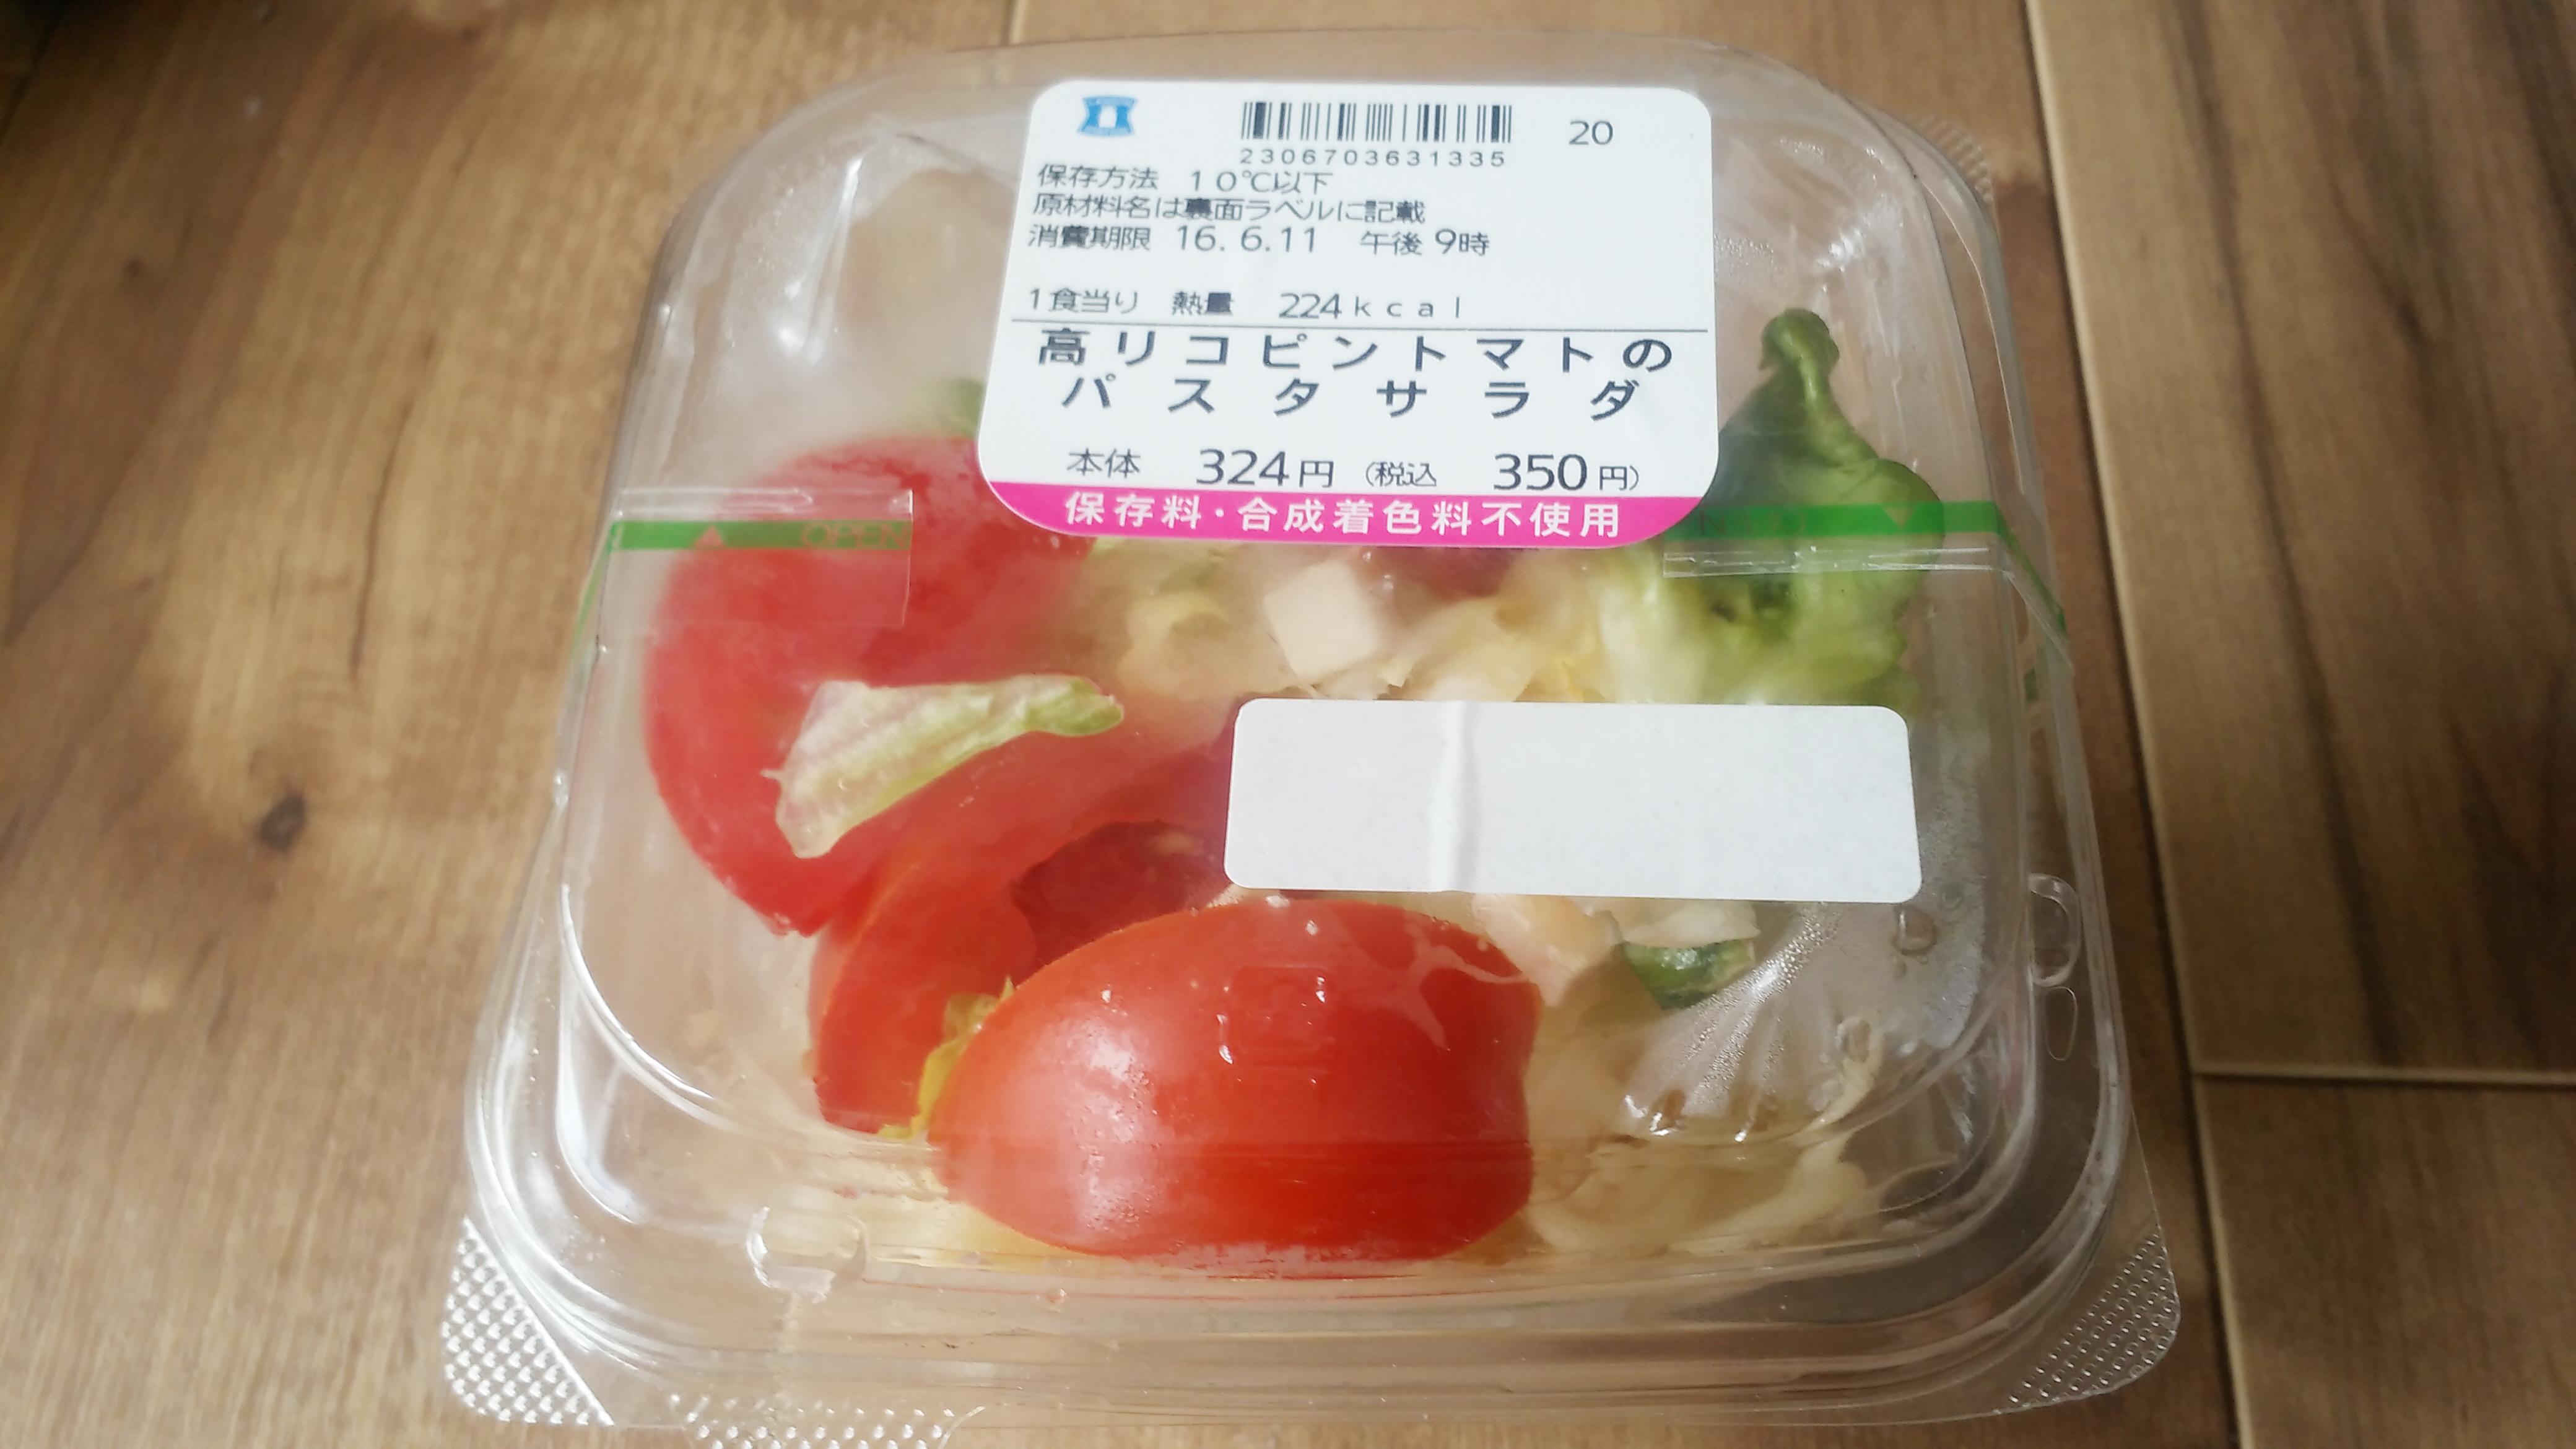 [로손/편의점] 리코펜 토마토 파스타 샐러드